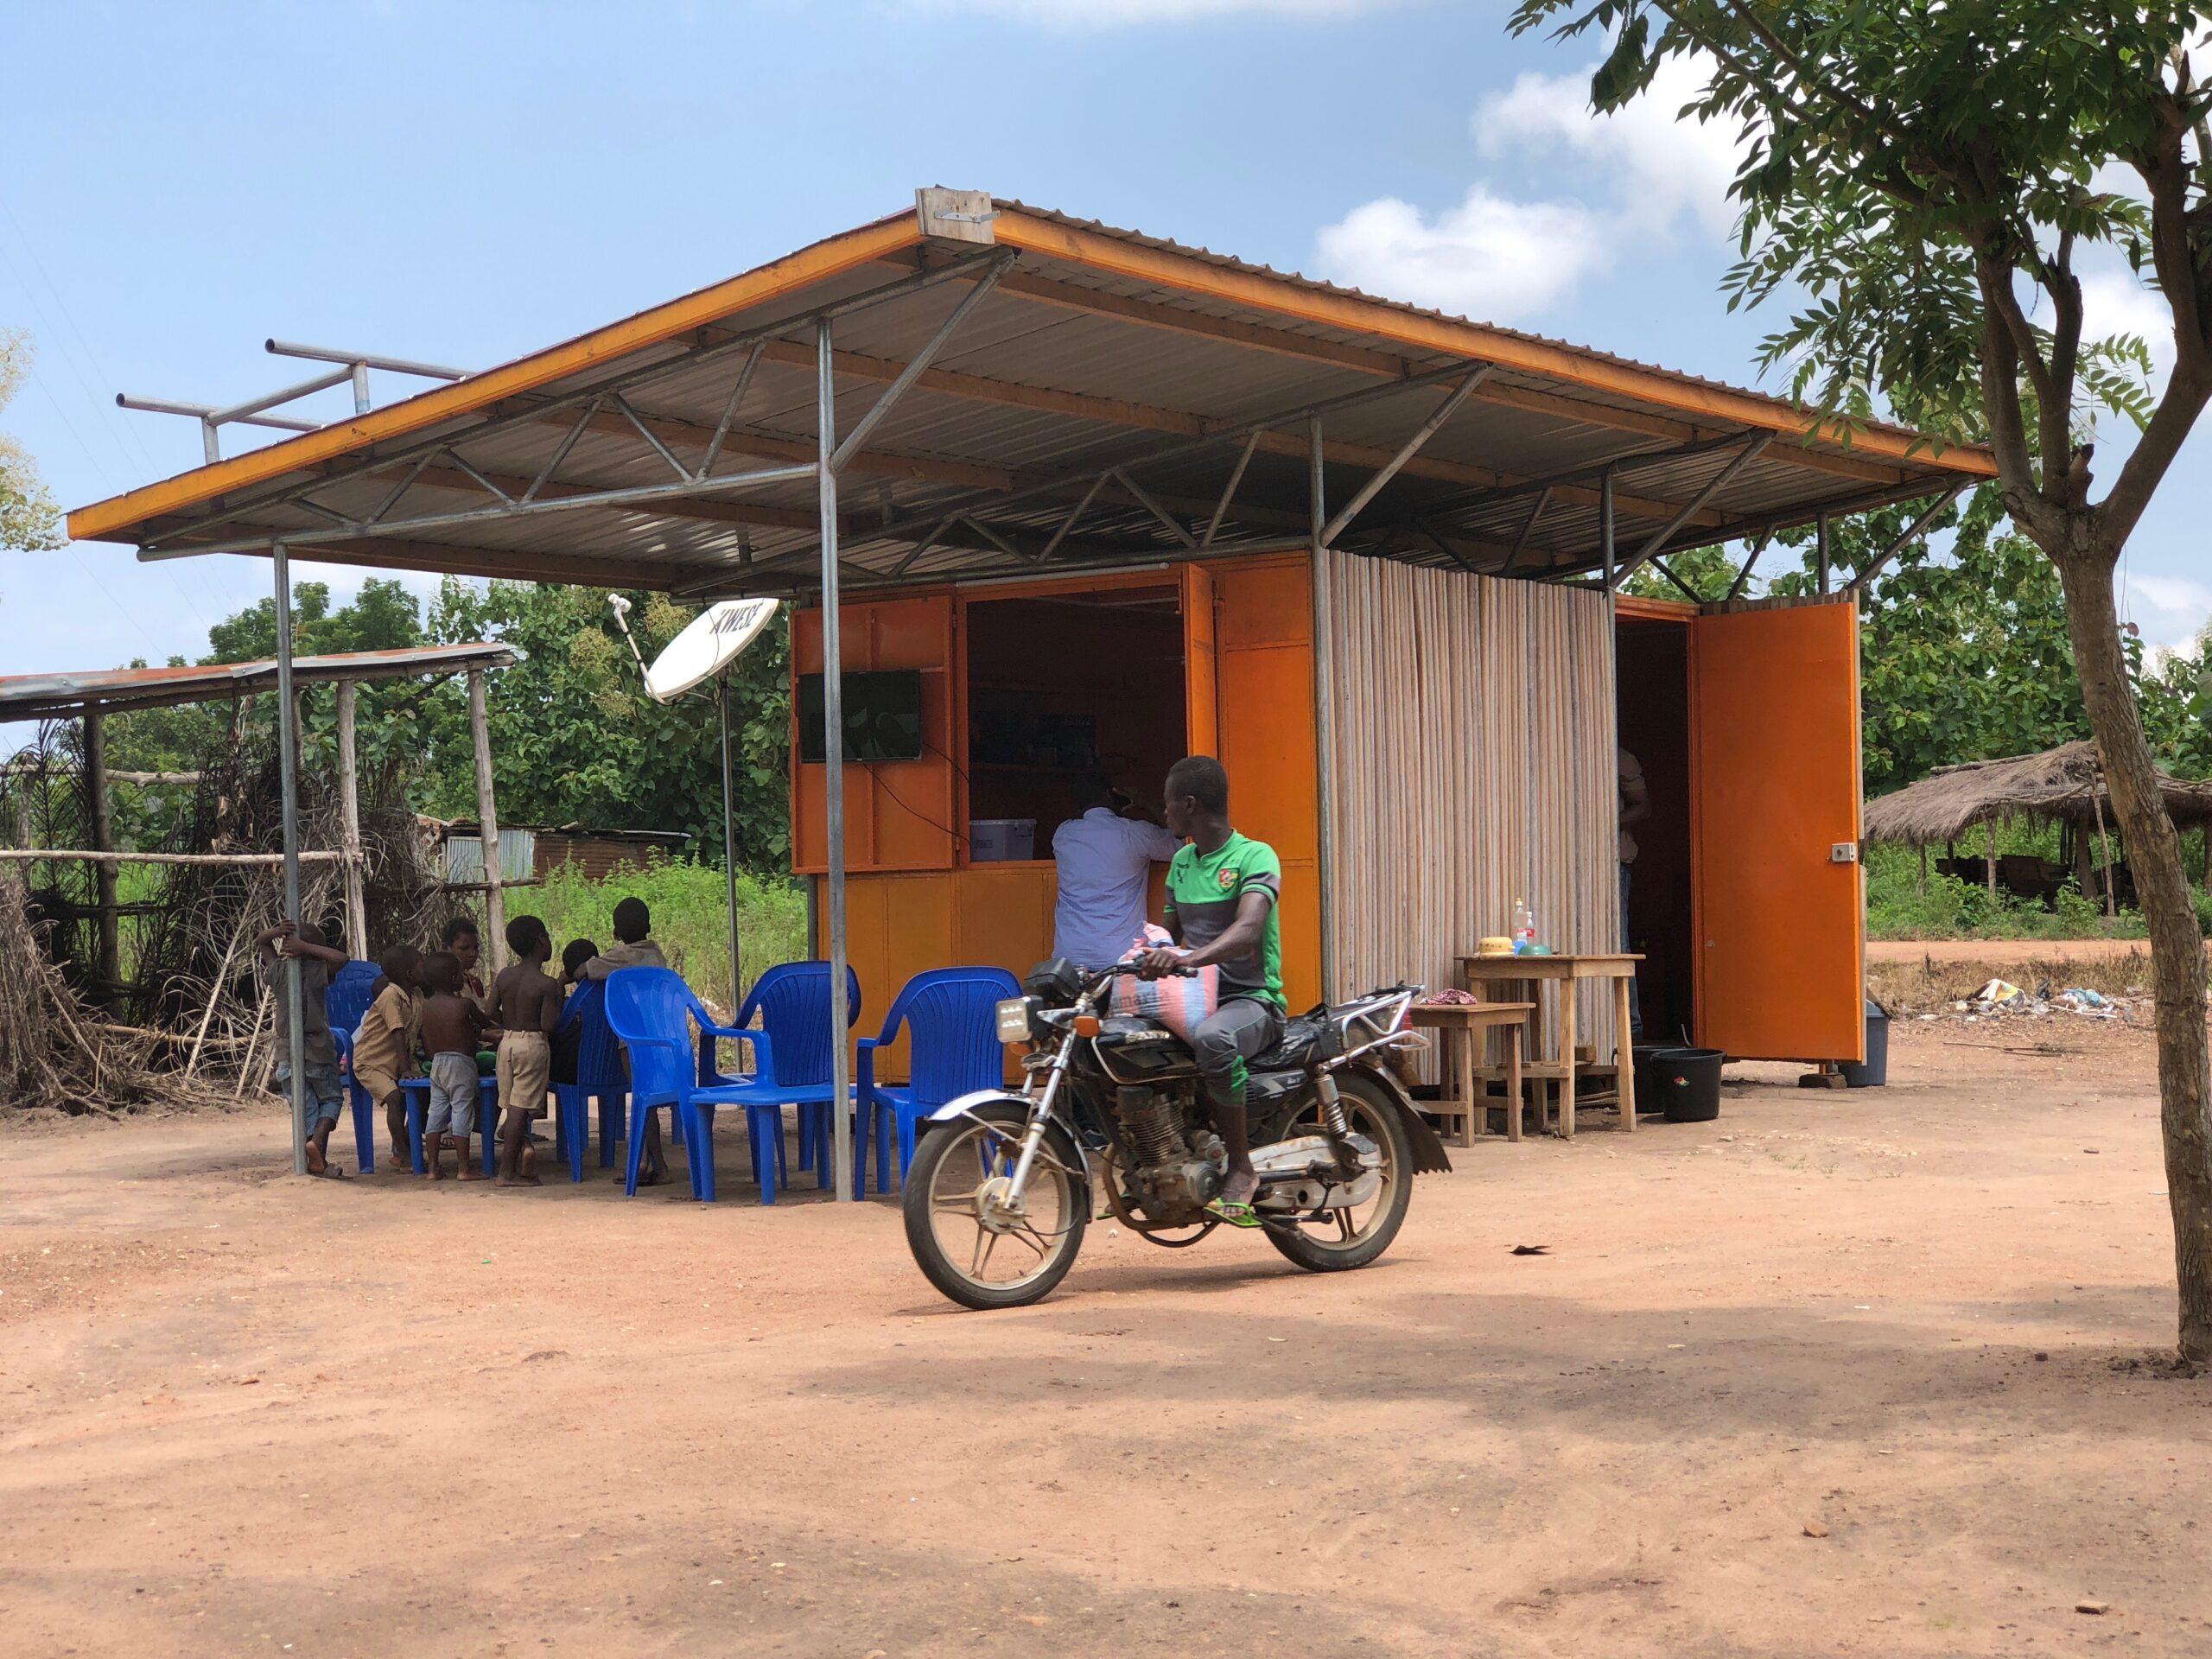 Une moto passe devant un kiosque solaire Benoo Energies dans un village au Togo en Afrique